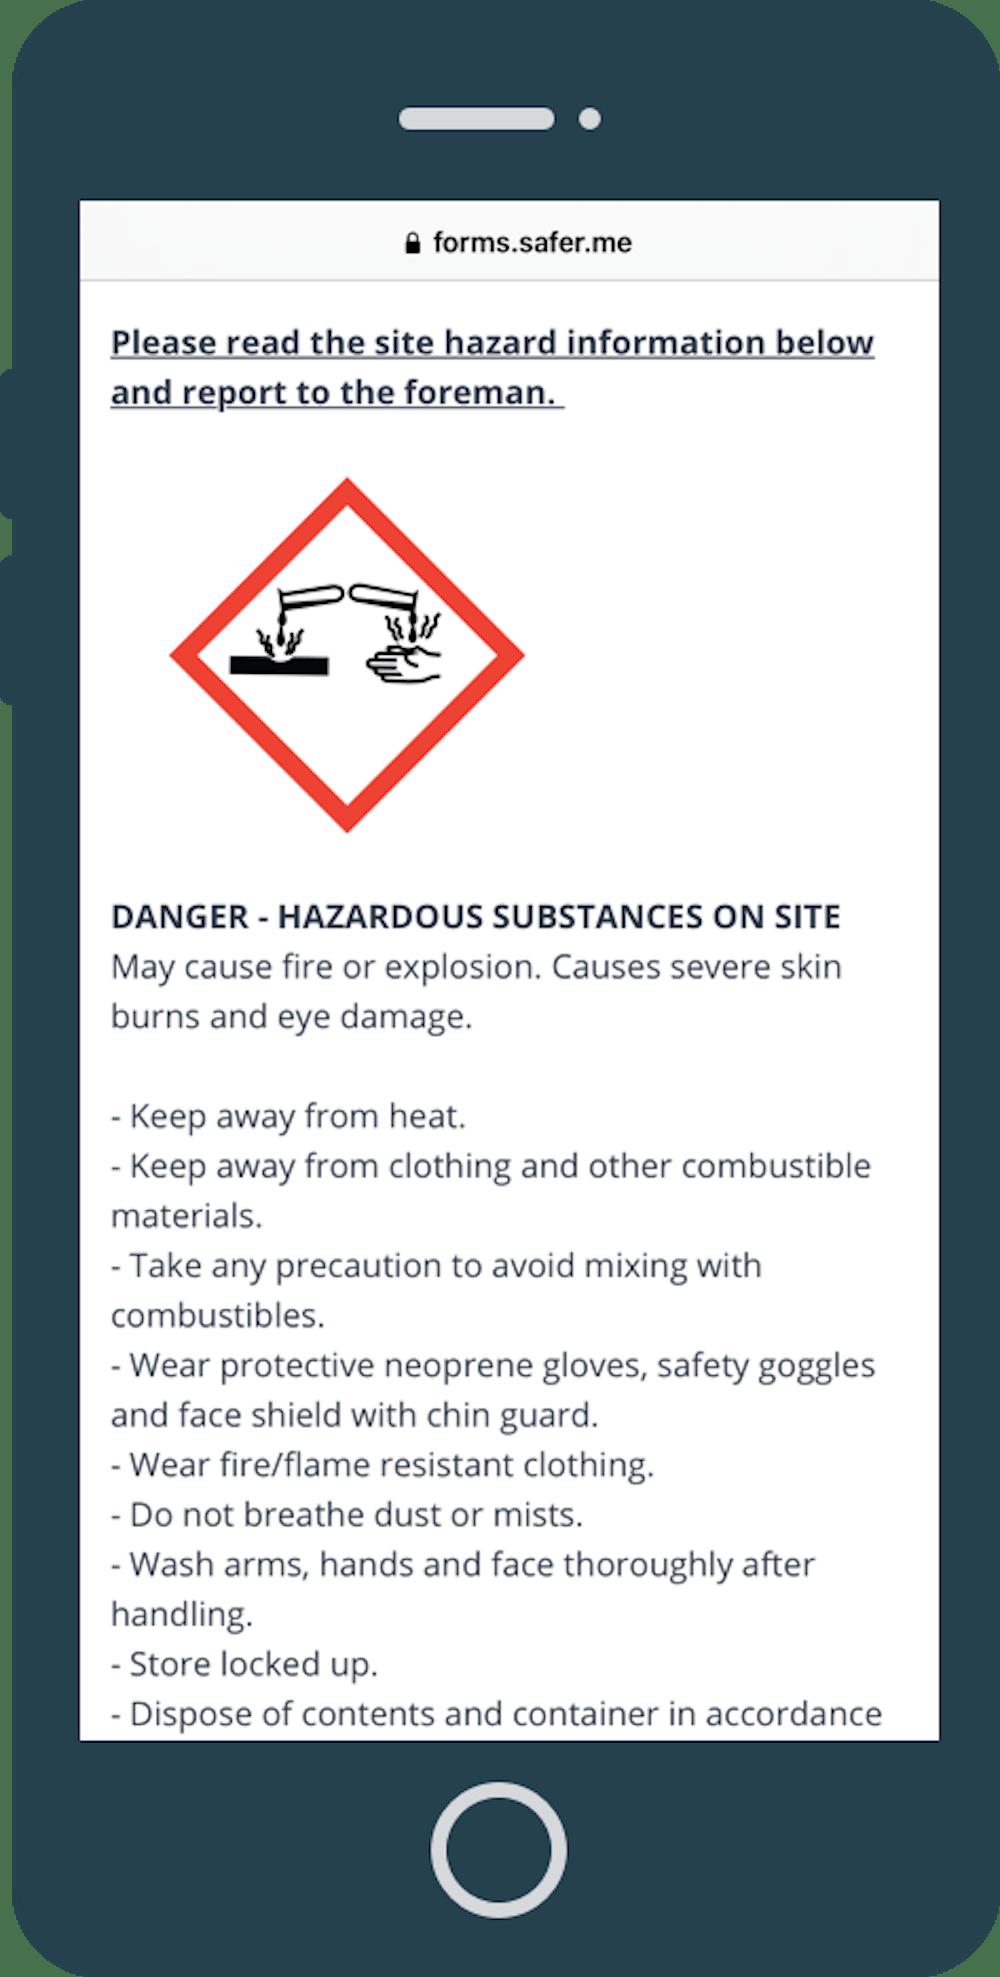 Hazard information through QR code